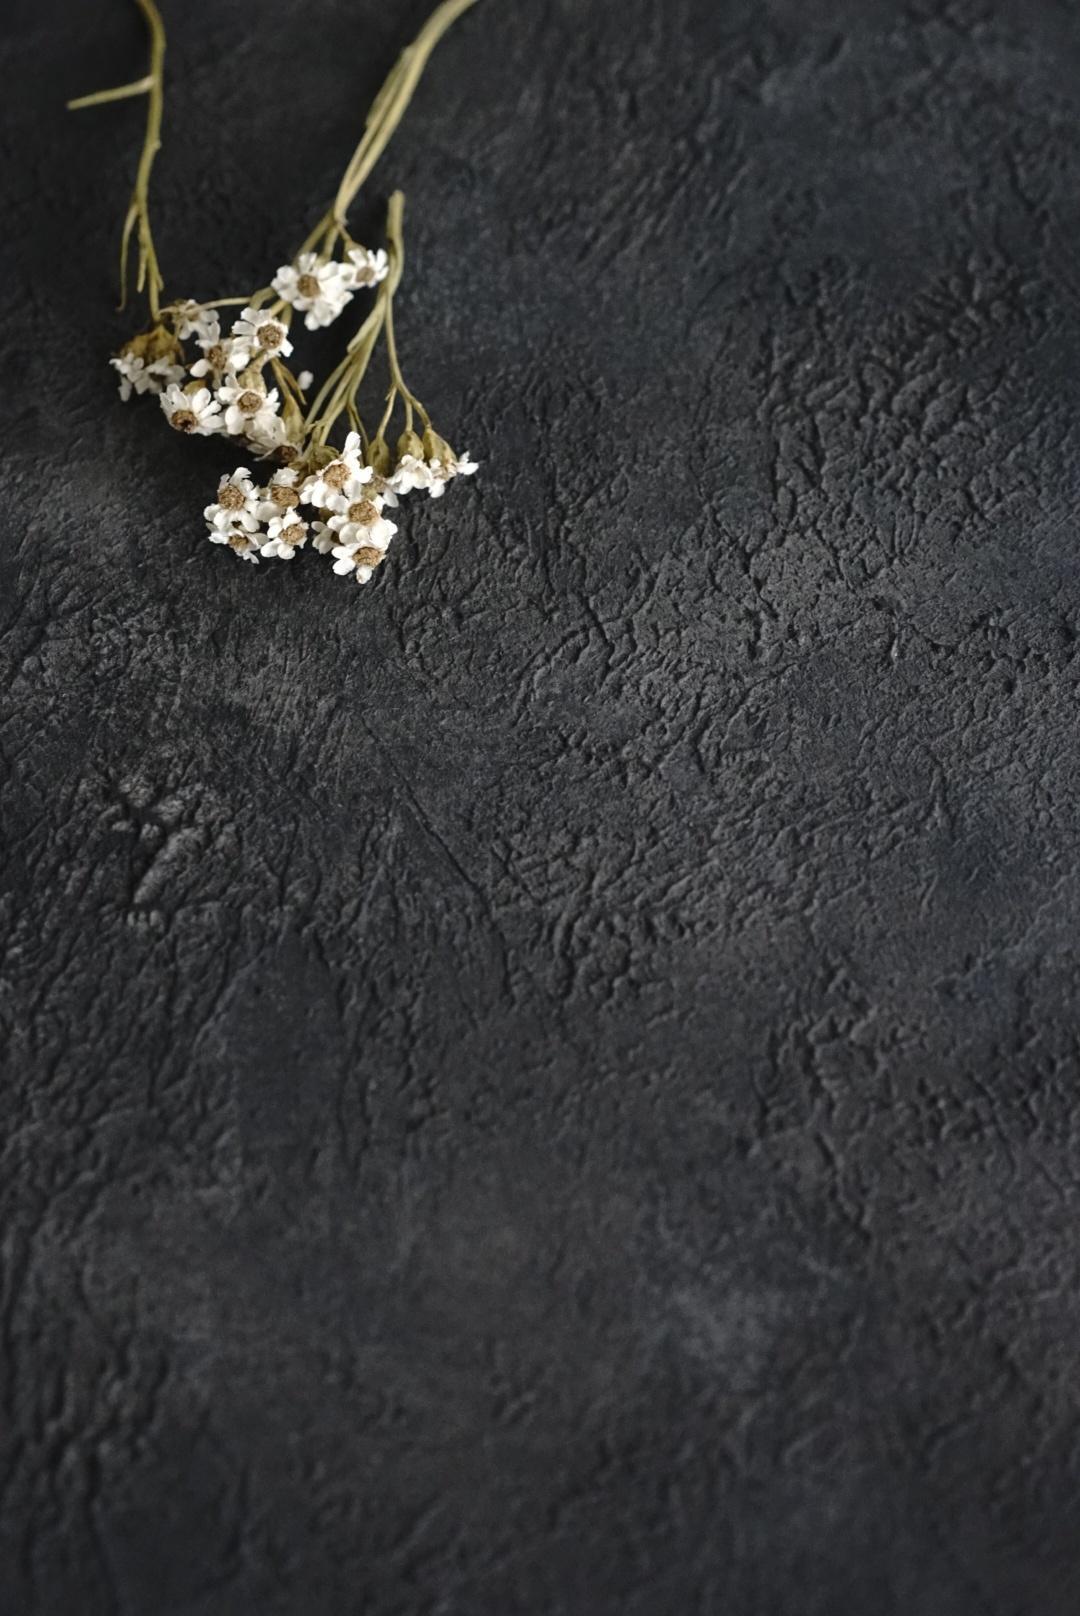 45 漆黒に浮かび上がるグレーの陰影美大人のスタイリングボード「シアター」